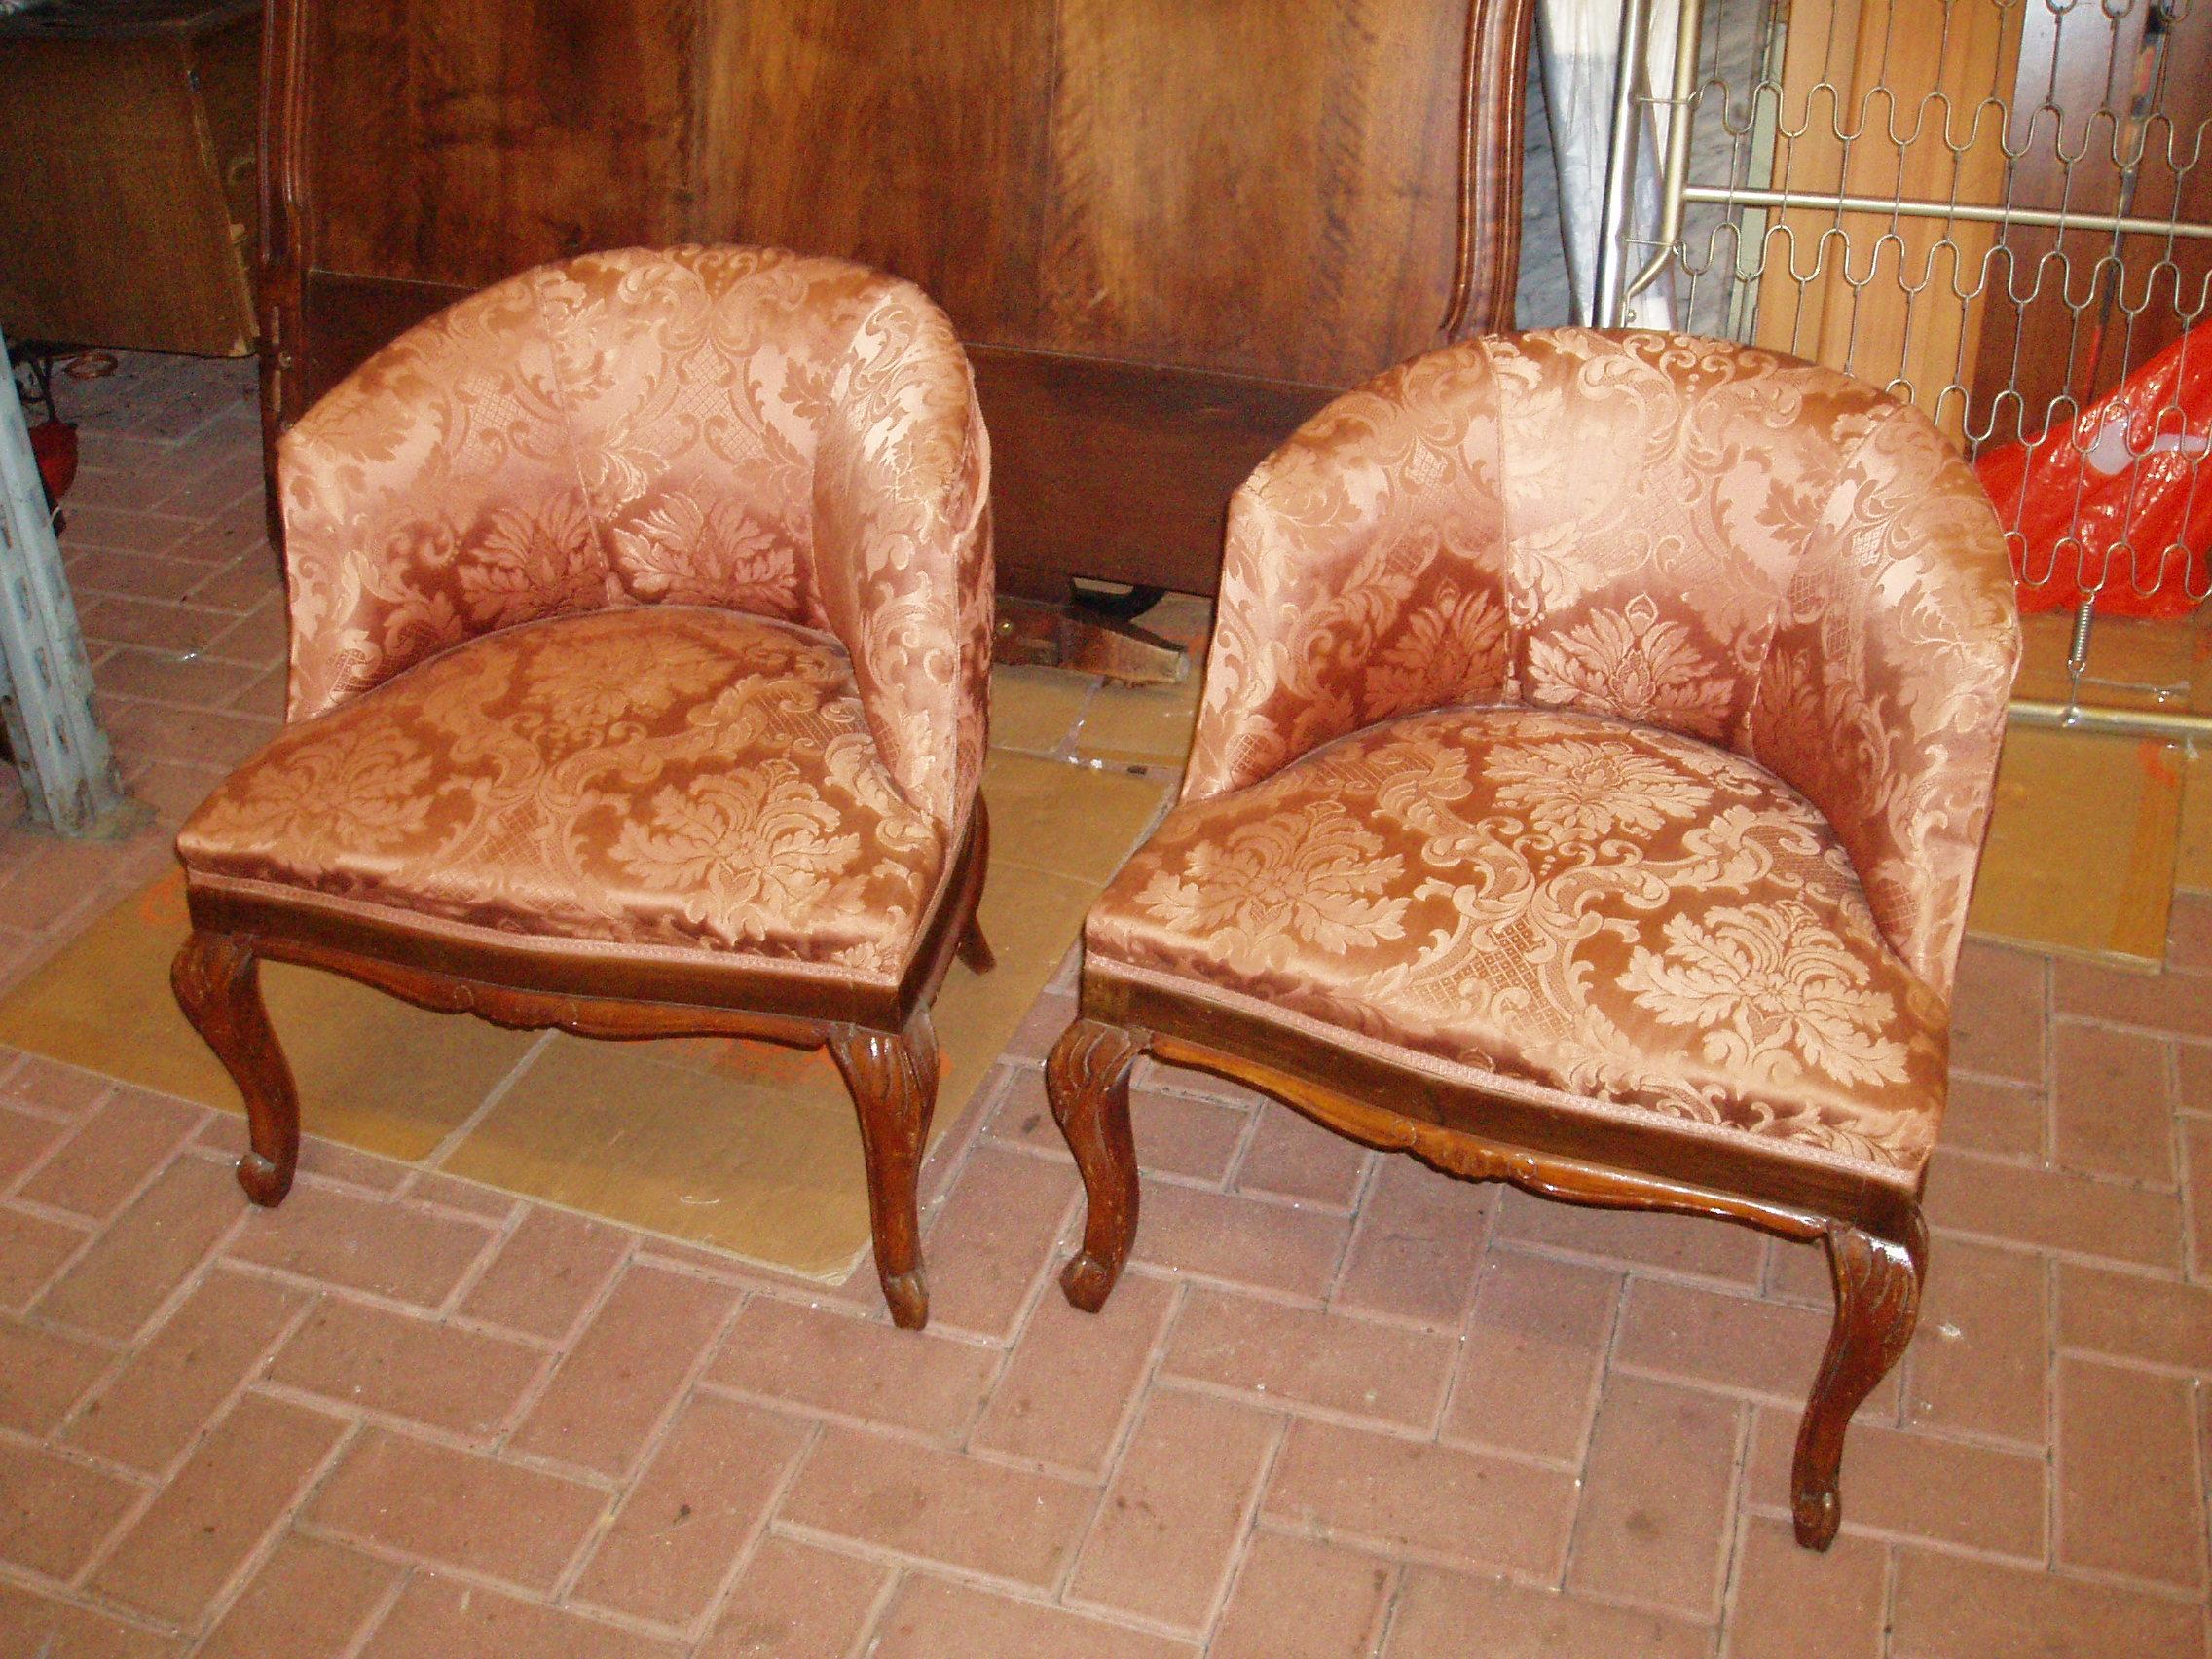 Poltroncine da camera rosse il tendone solidale mercatino dell 39 usato - Poltroncine da camera ...